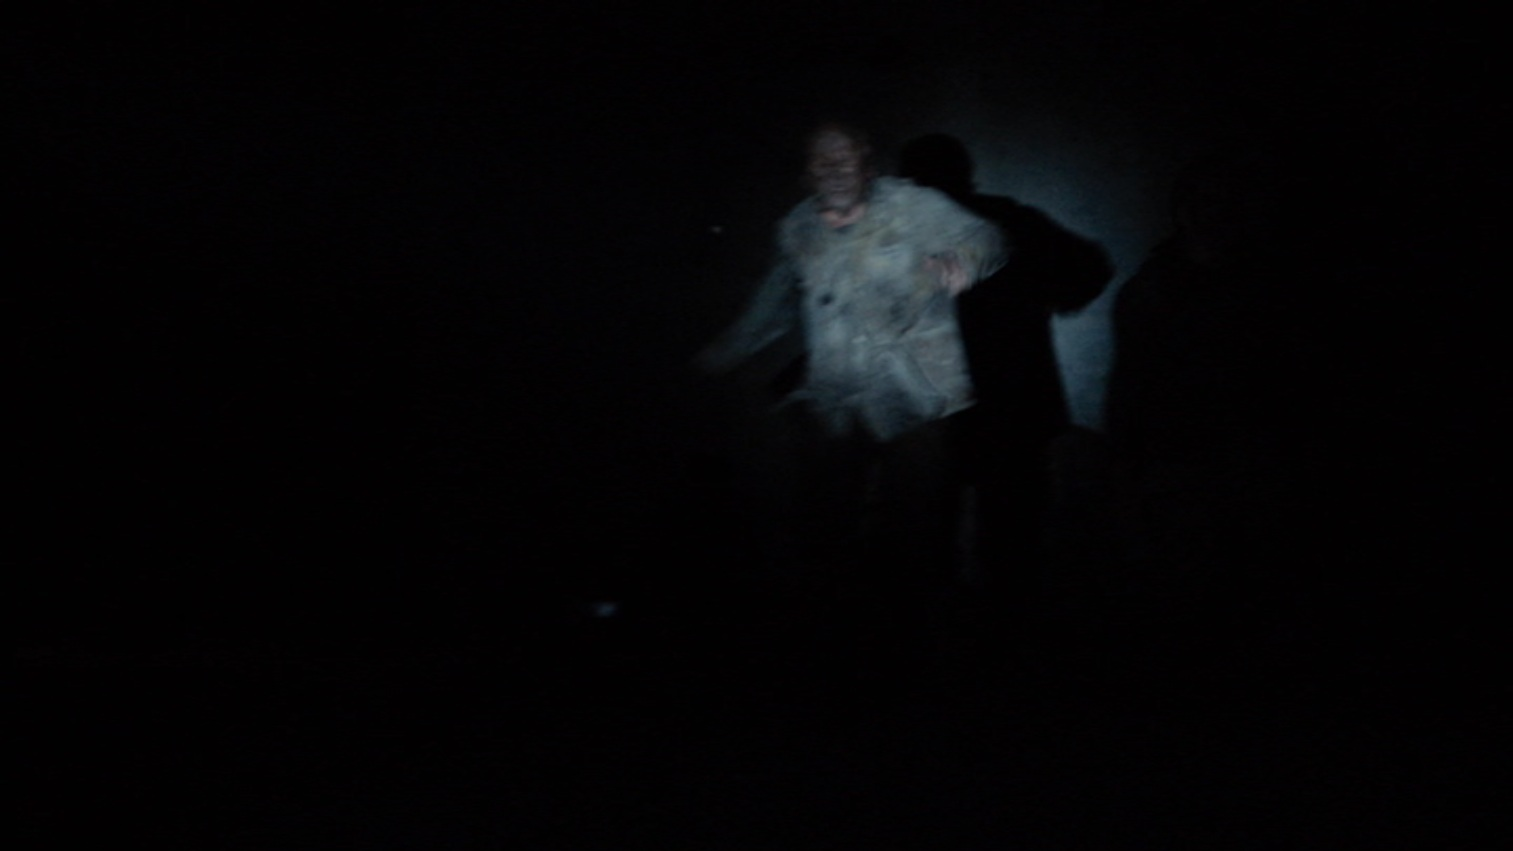 Chernobyl diaries movie mutants - photo#7